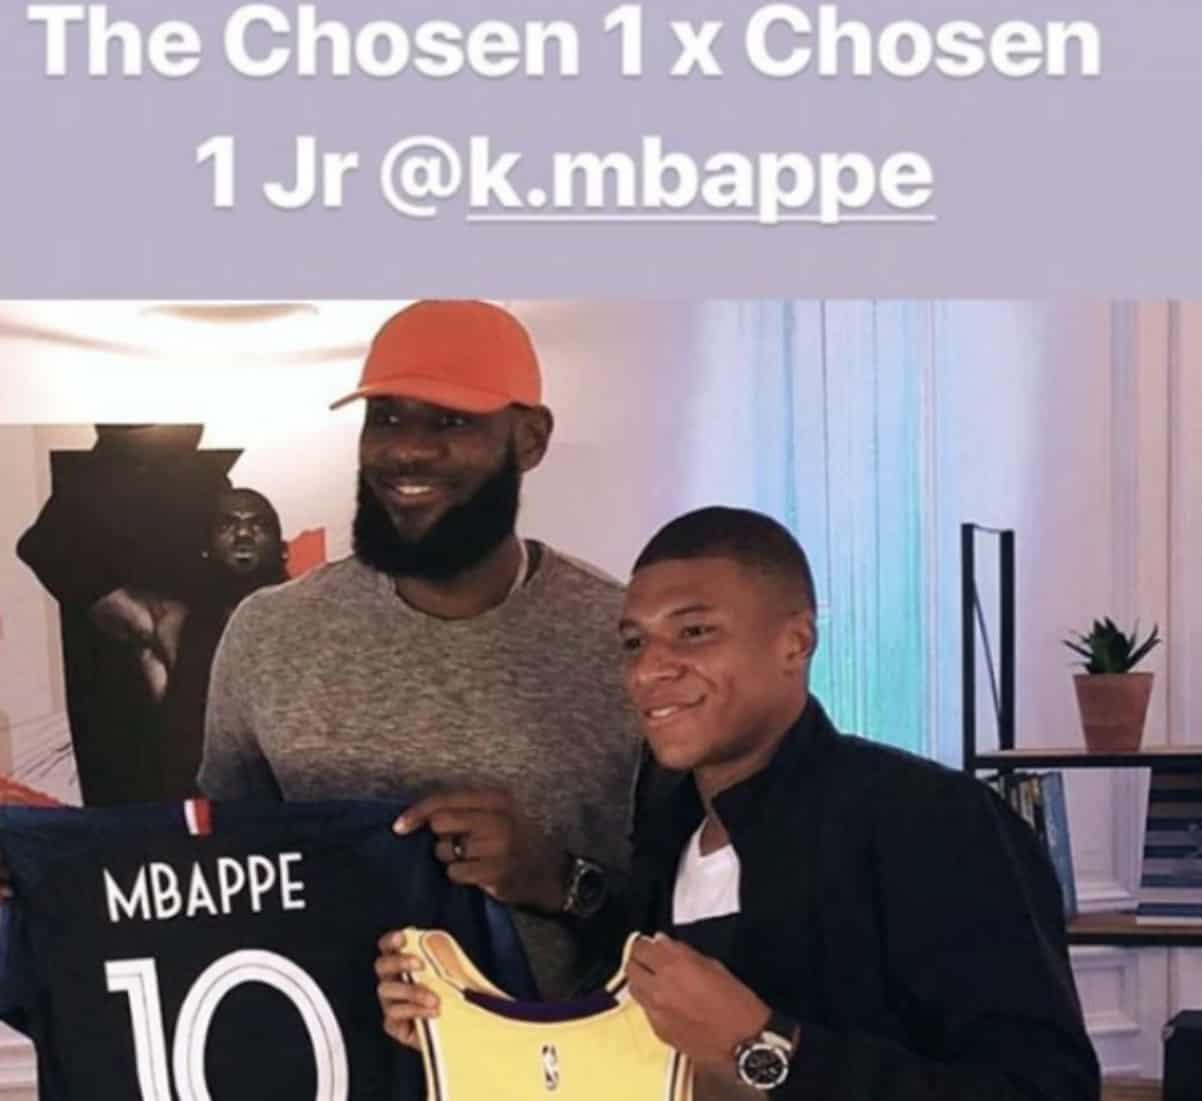 Pour LeBron, Mbappé est le «Chosen One Jr»